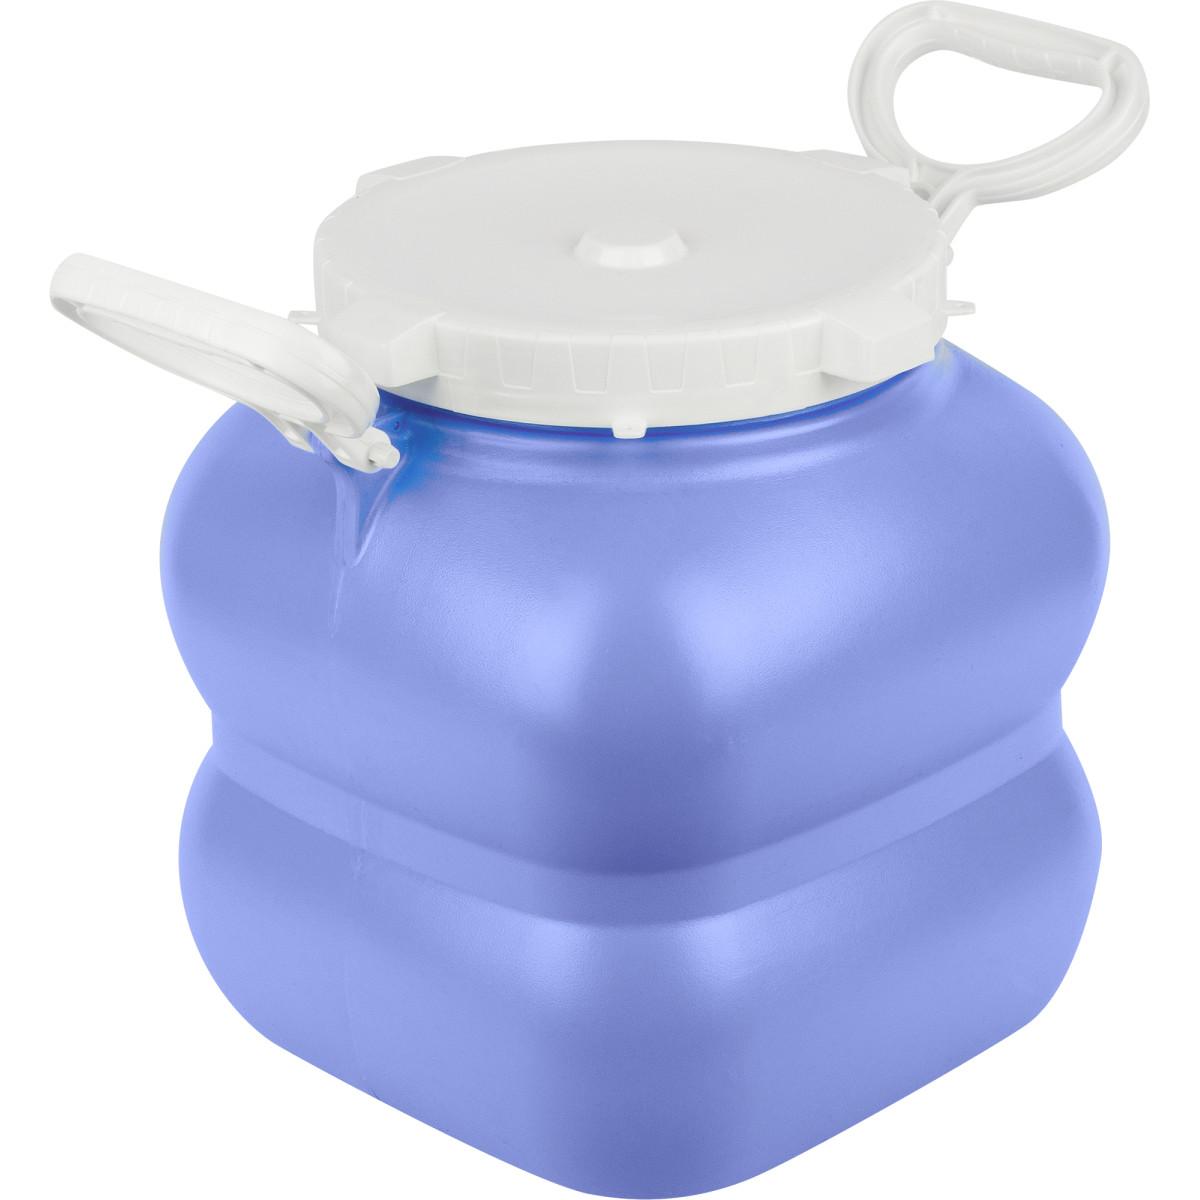 Фляга пищевая «Гранде» 20 л цвет фиолетовый